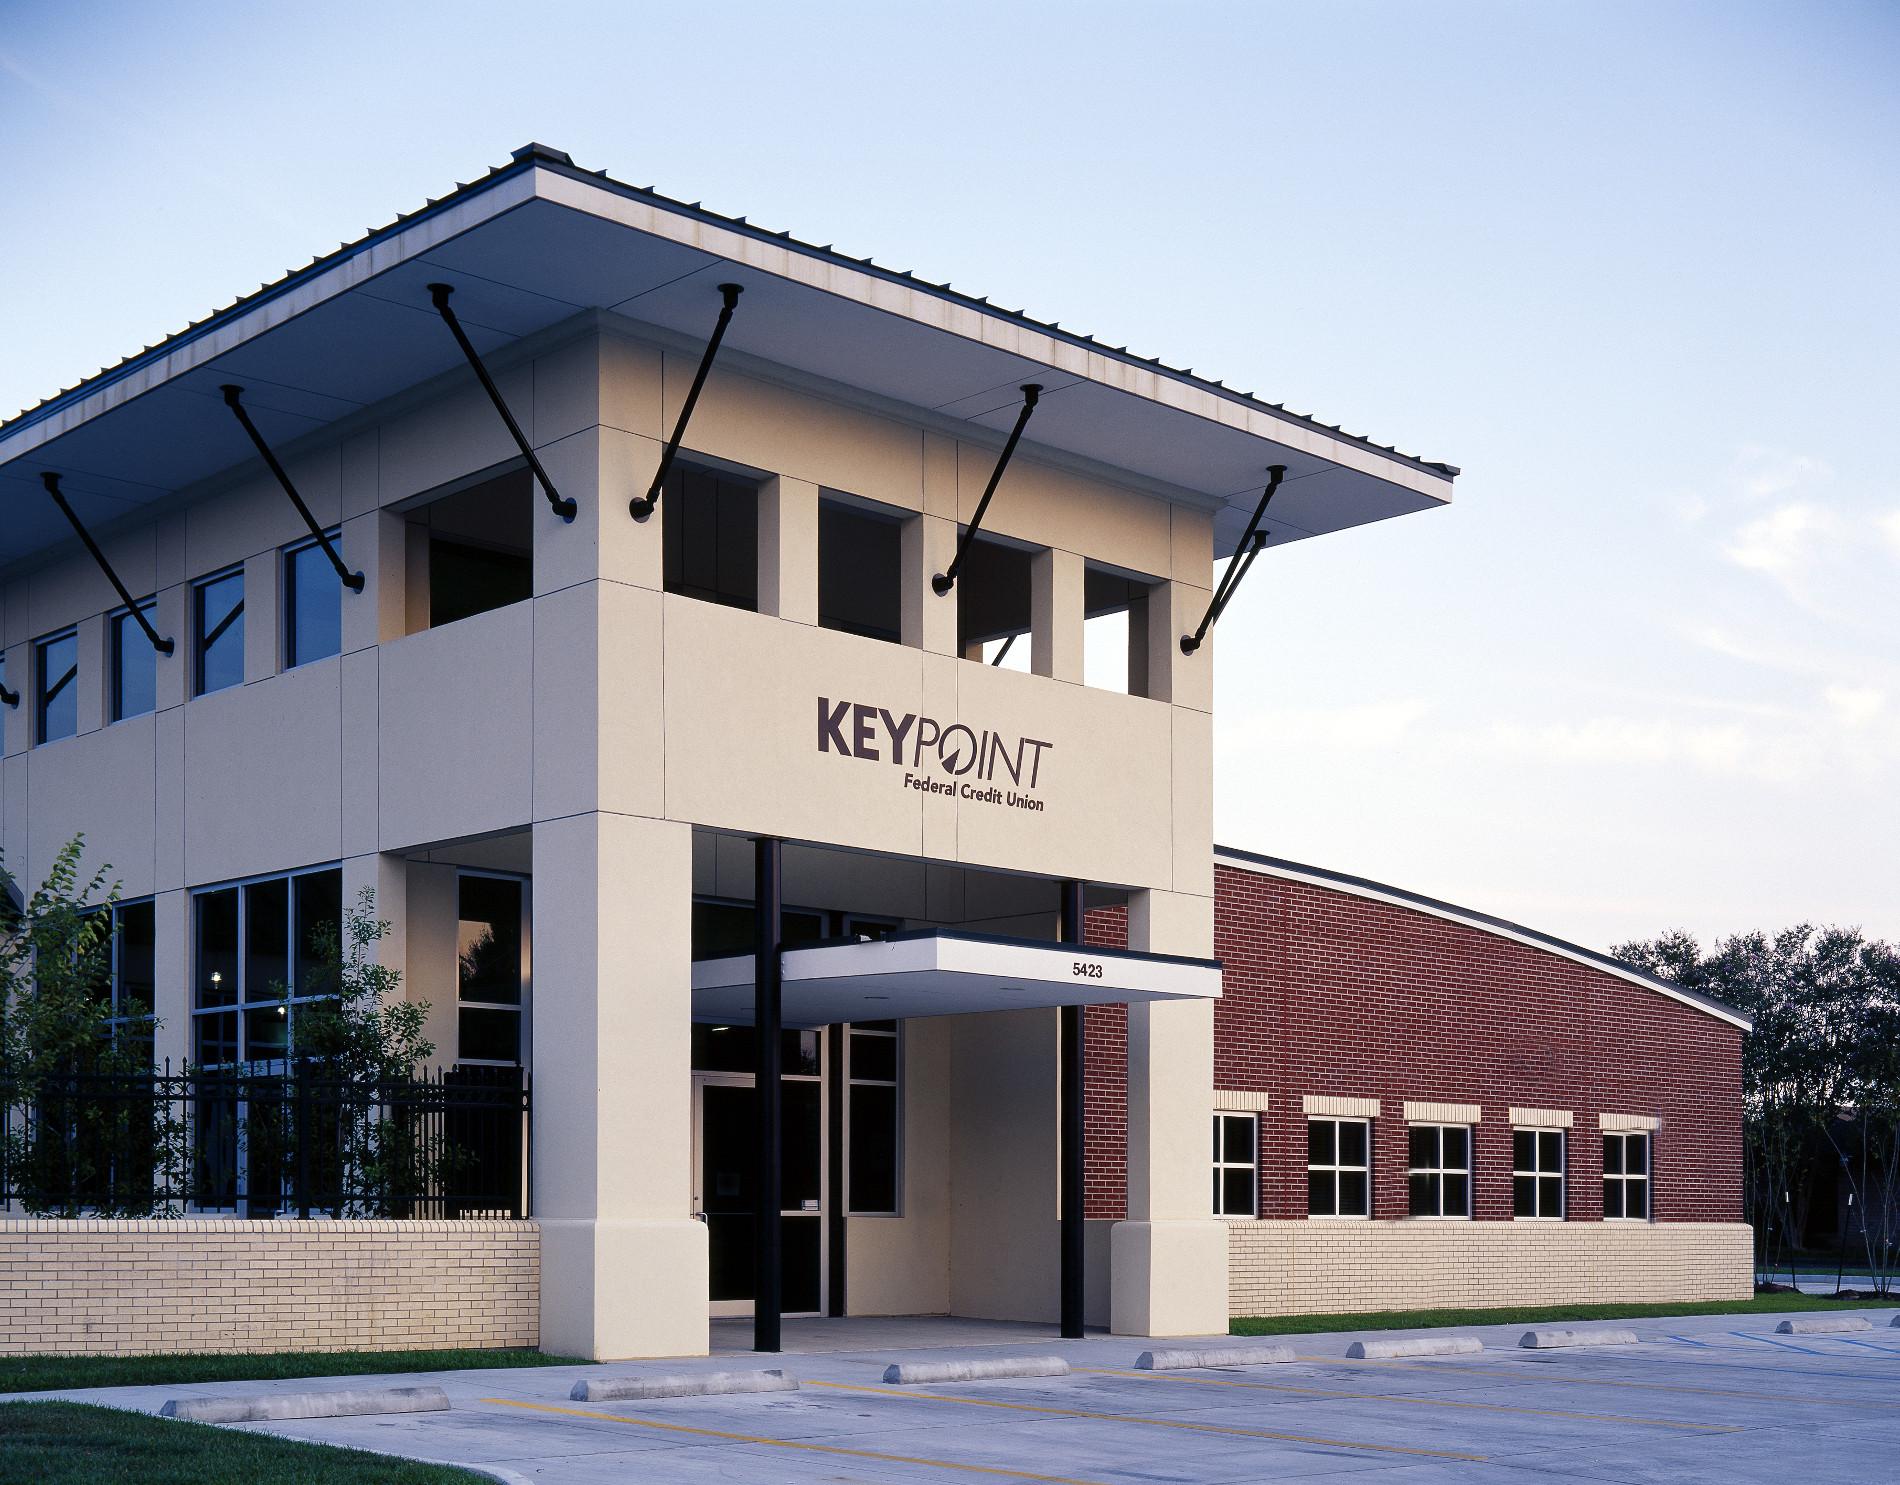 Keypoint001.jpeg